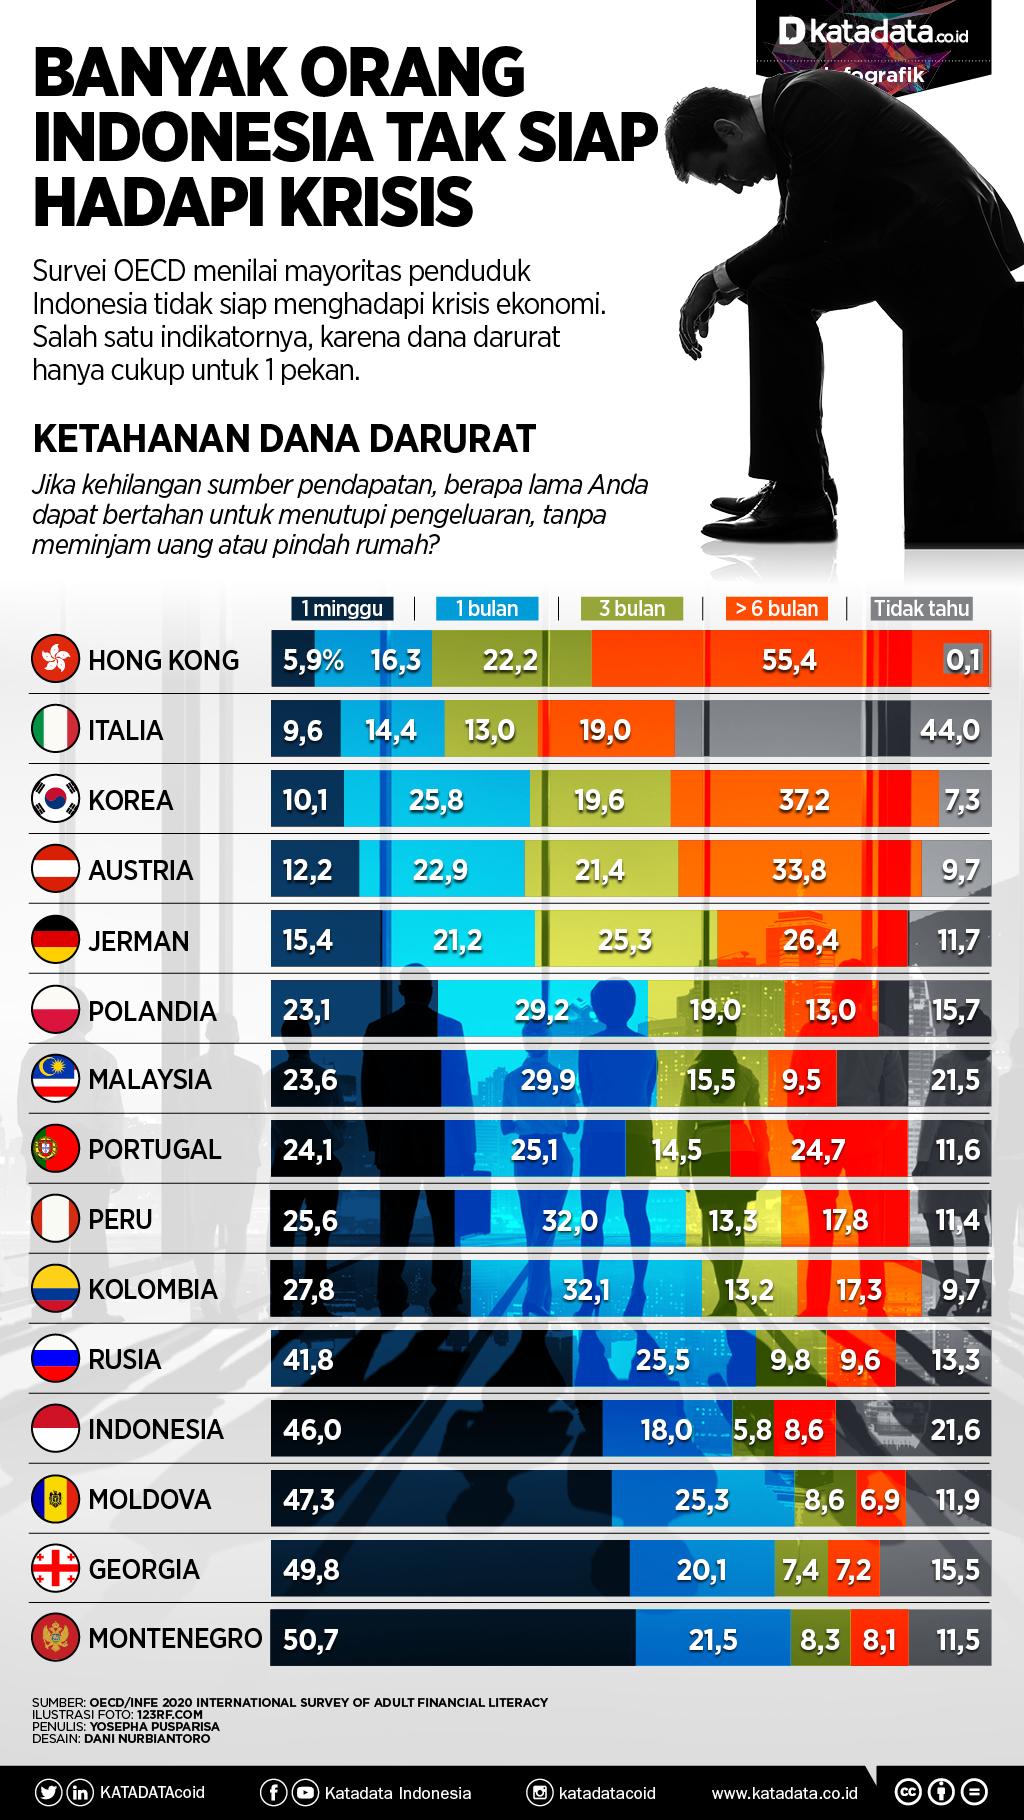 Banyak orang Indonesia tak siap hadapi krisis